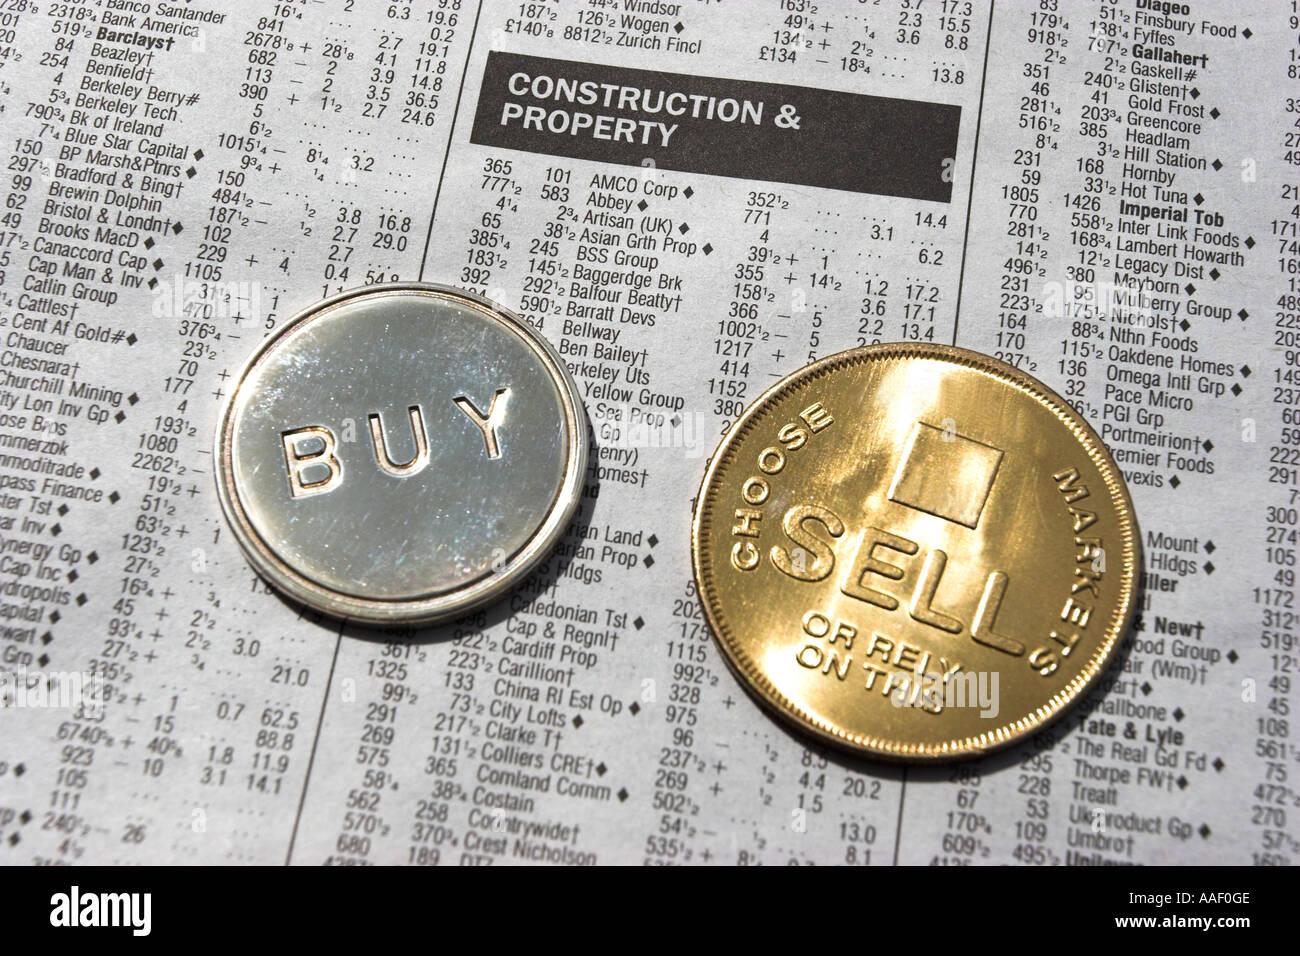 Auswahl von Aktien durch das Werfen einer Münze. Stockbild